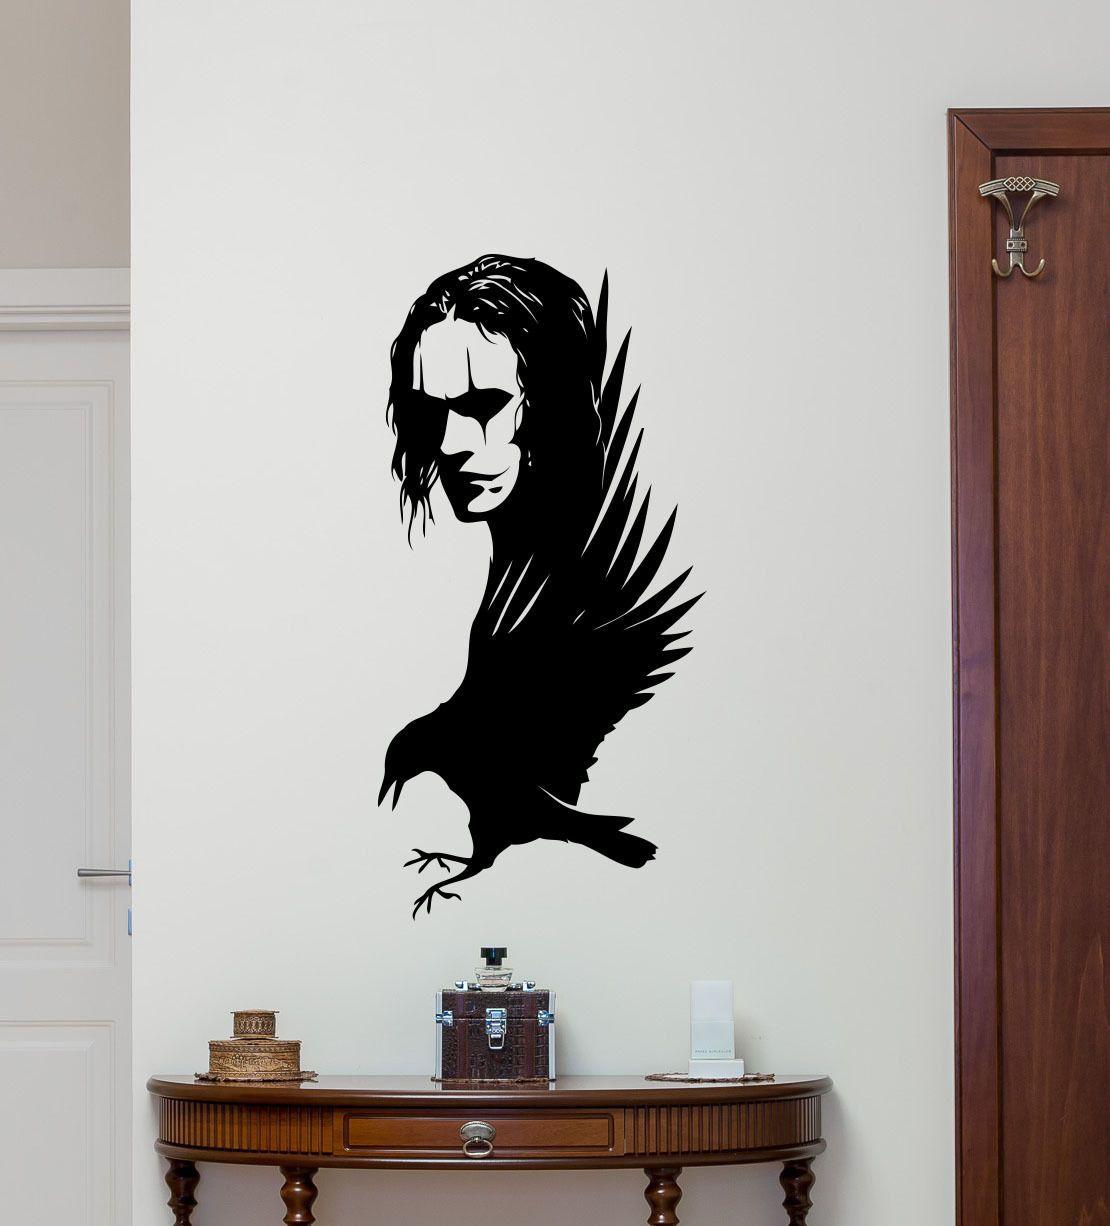 Le corbeau Sticker Mural Brandon Lee film vinyle autocollant affiche décor à la maison Art décorations salon amovible Mural E574